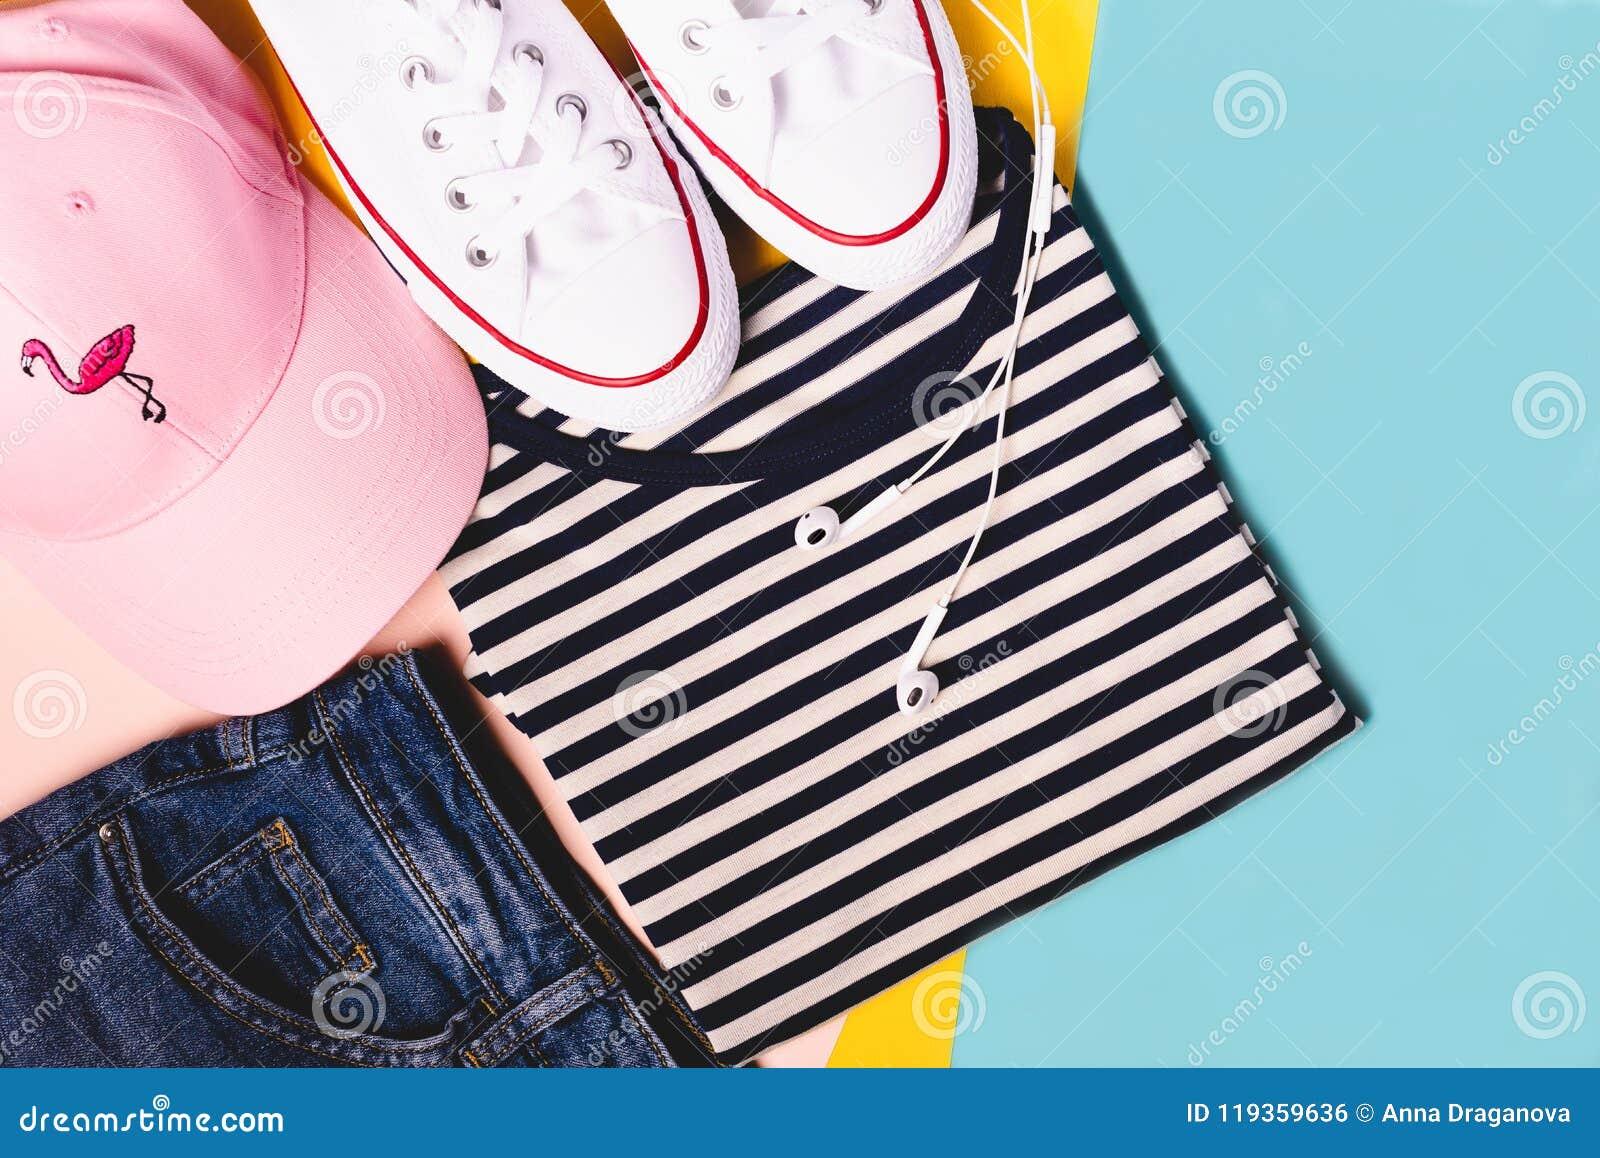 80c4fd97e369 Fashion Blogger Concept. Summer Sport